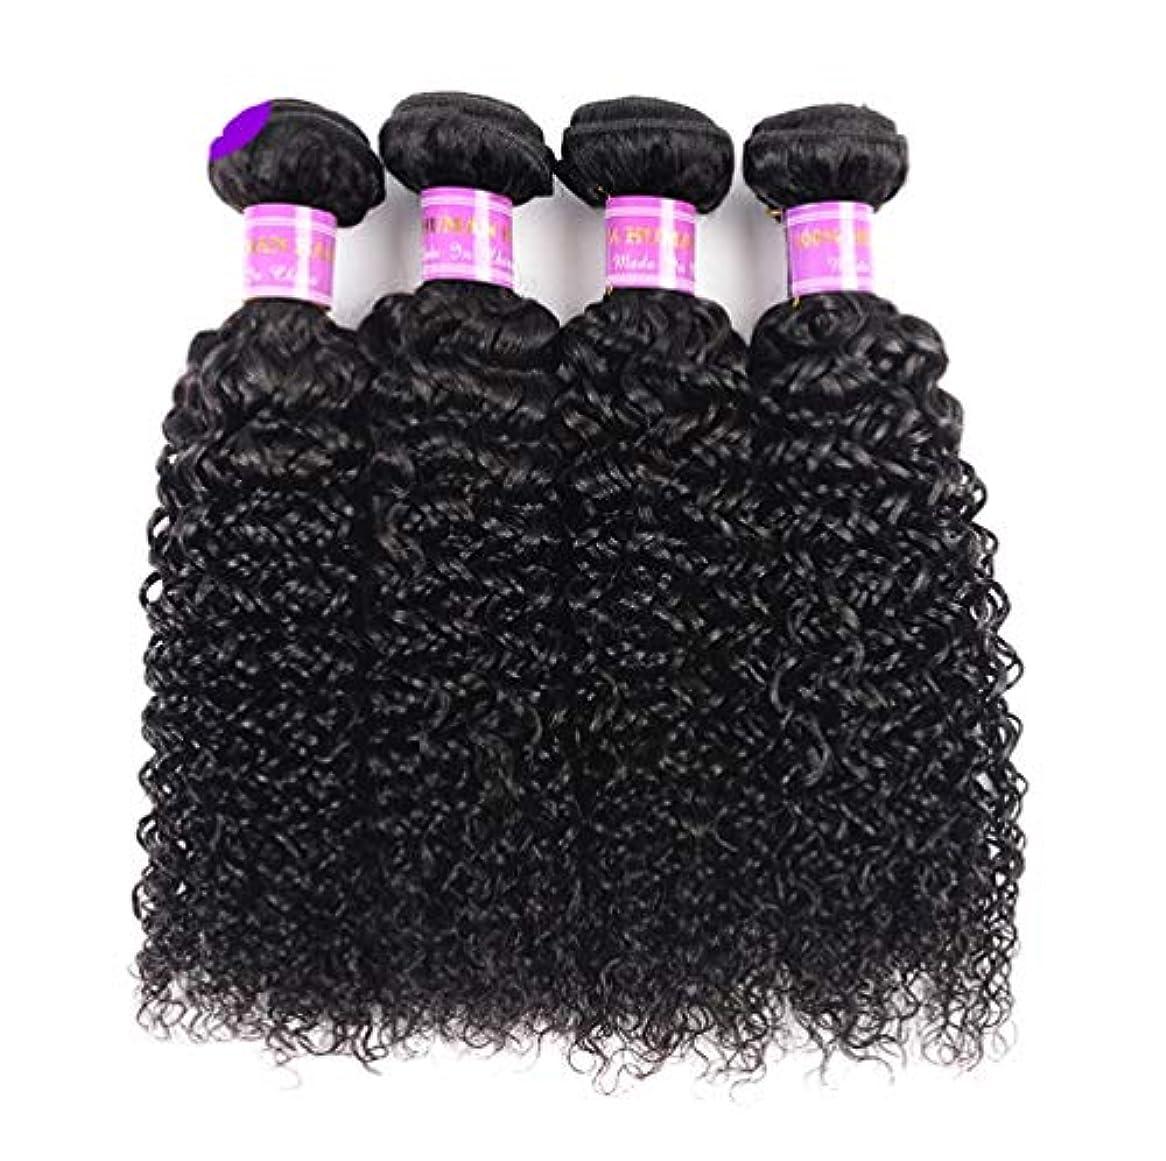 略奪プロトタイプ強調女性の髪織りブラジルのバージン人毛ボディウェーブ100%人毛織りナチュラルブラックカラー(3バンドル)